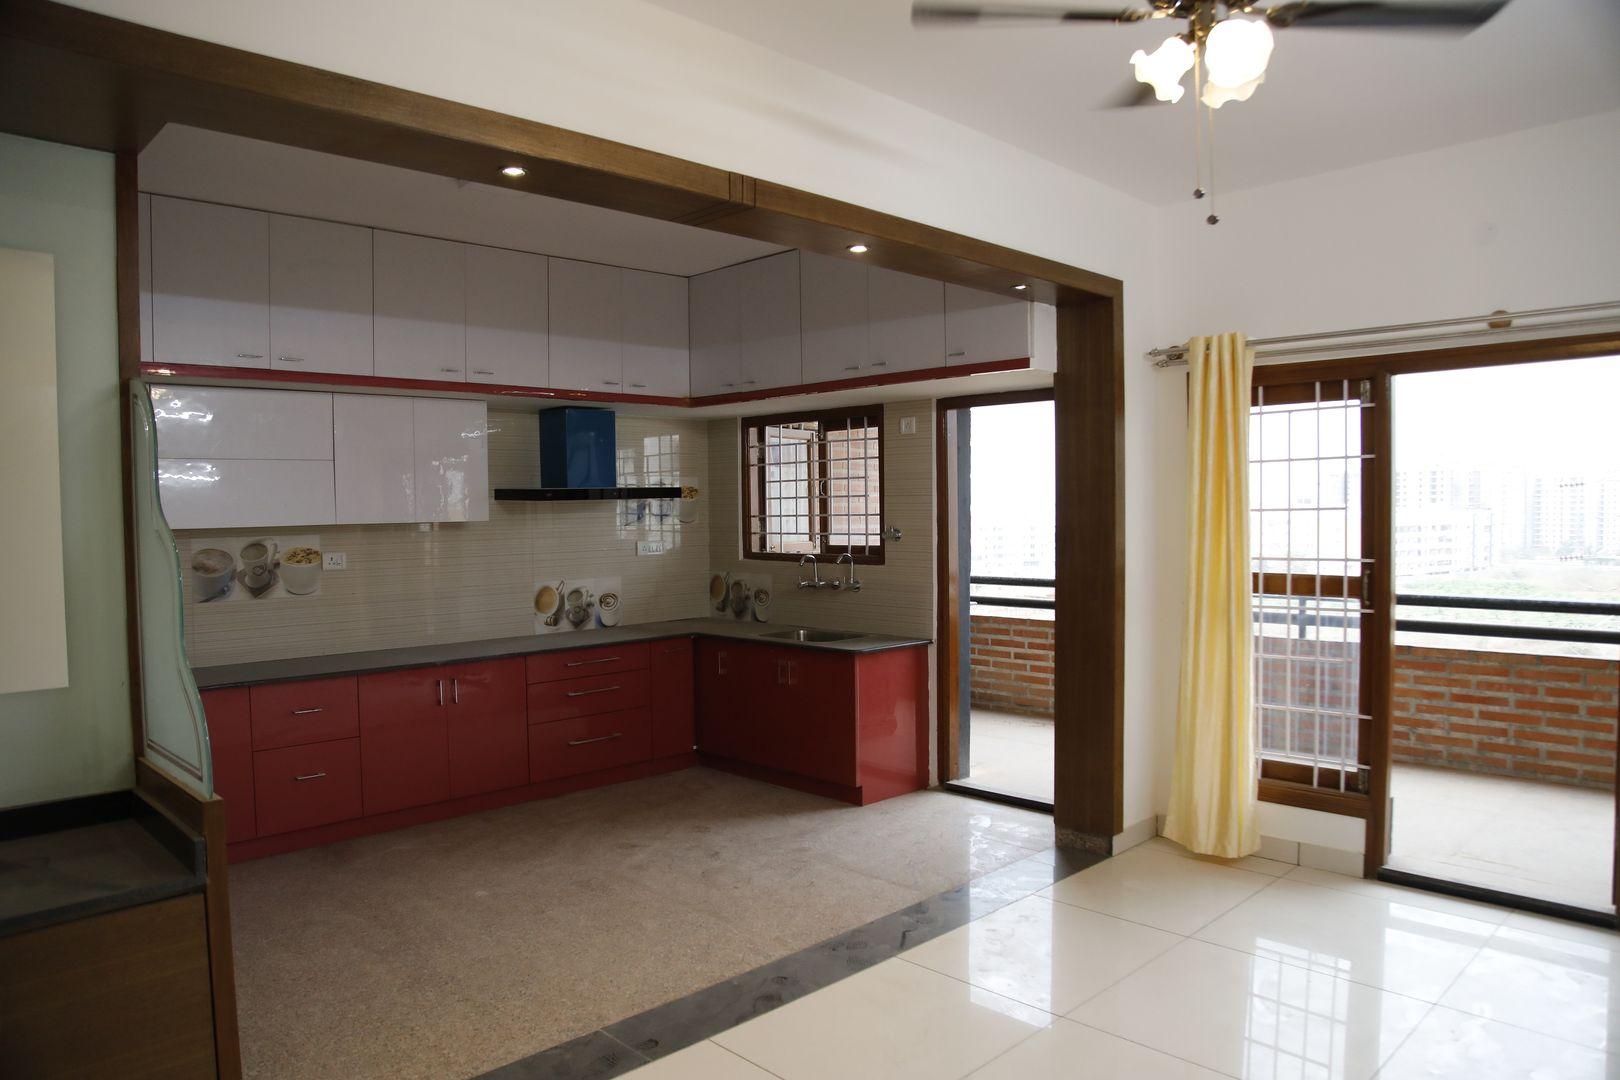 Kitchen design ideas inspirationimageshomify